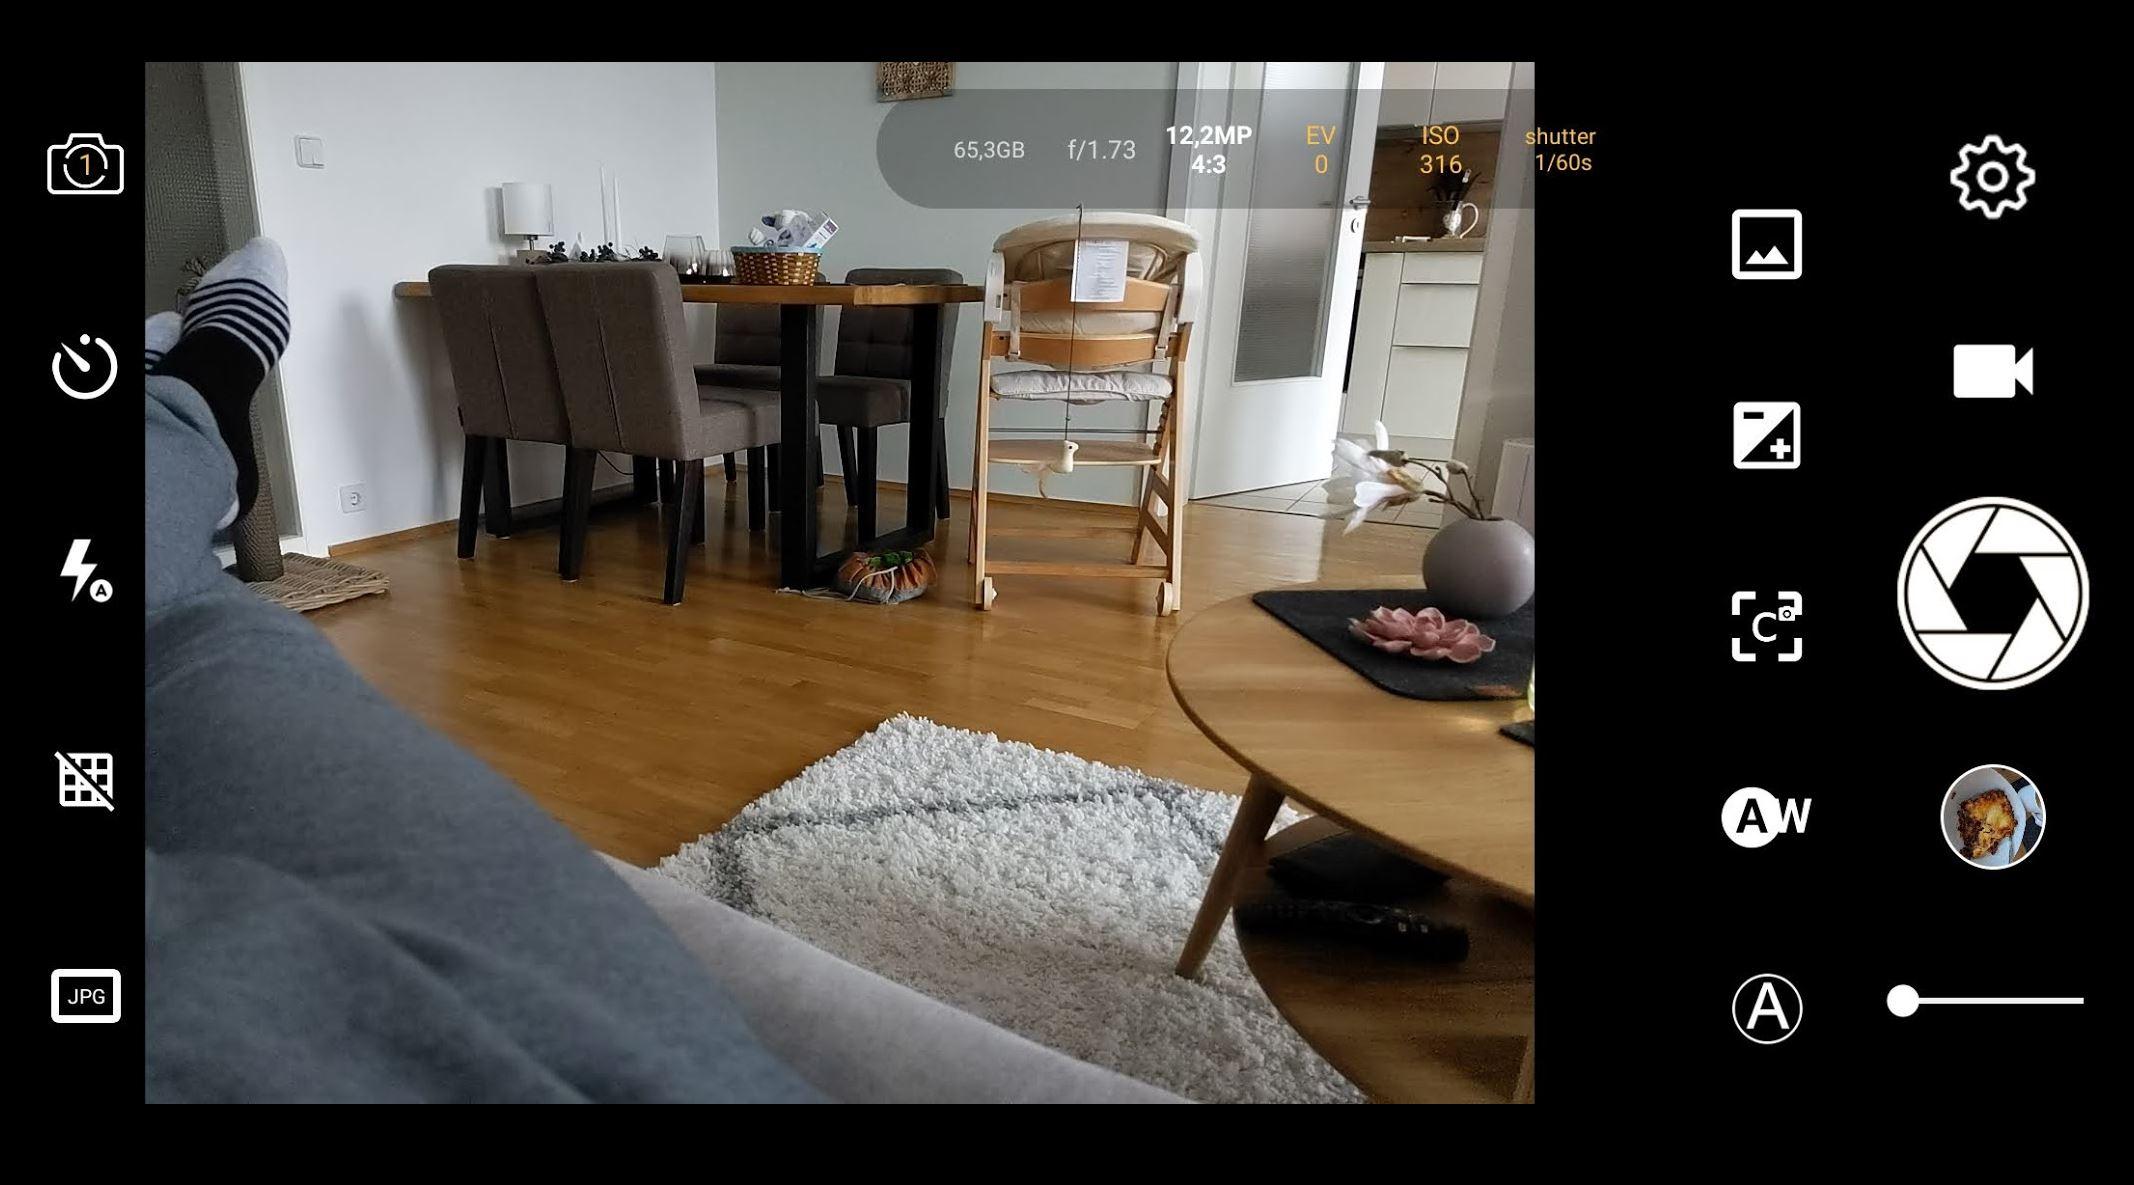 21 Euro gespart Manuelle Kamera App kostenlos   nur noch Samstag